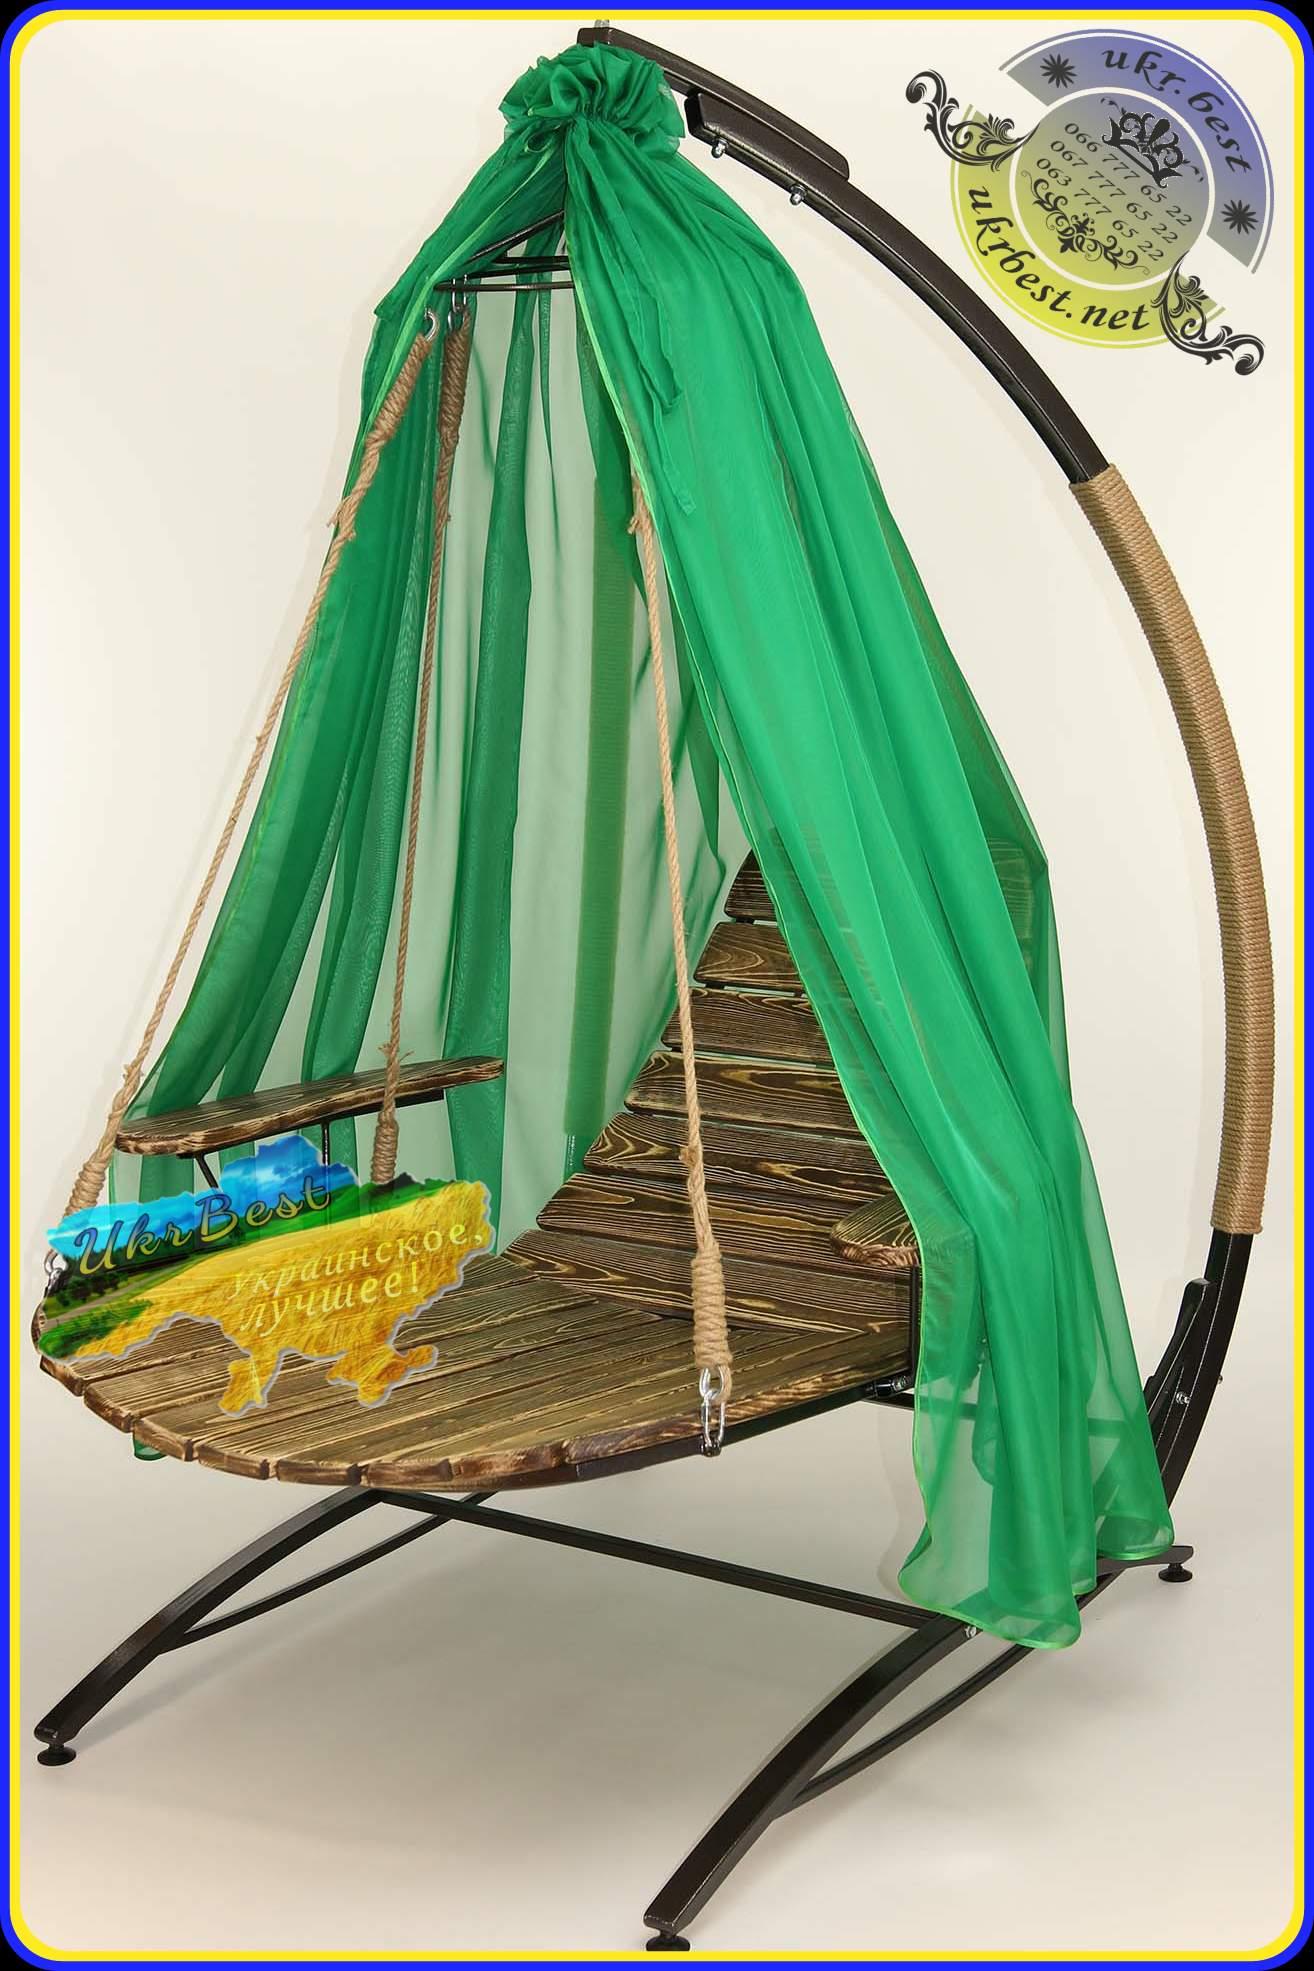 Купить подвесные качели Ego с сеткой балдахином